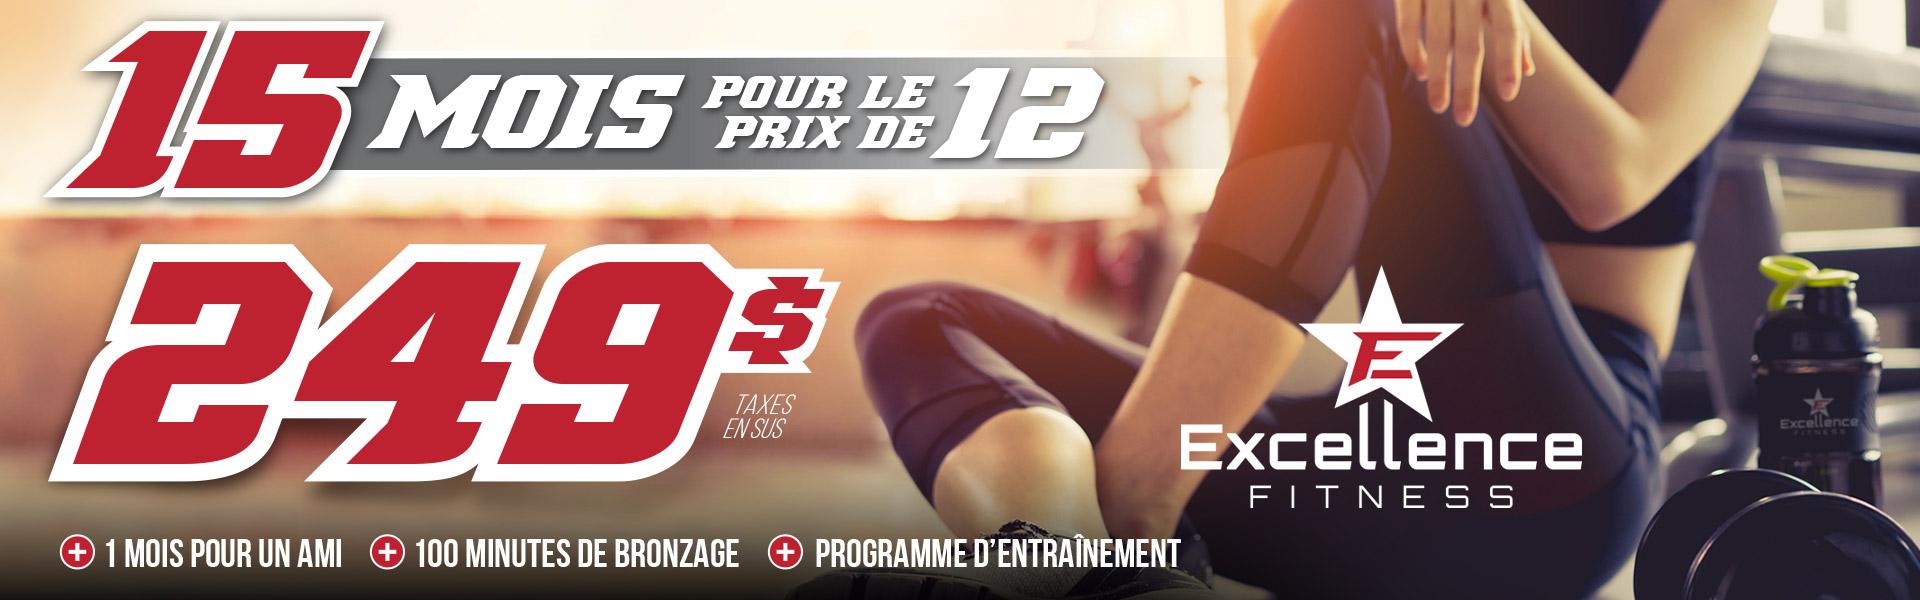 15 mois pou rle prix de 12 mois - 249$ - Excellence Fitness Sherbrooke